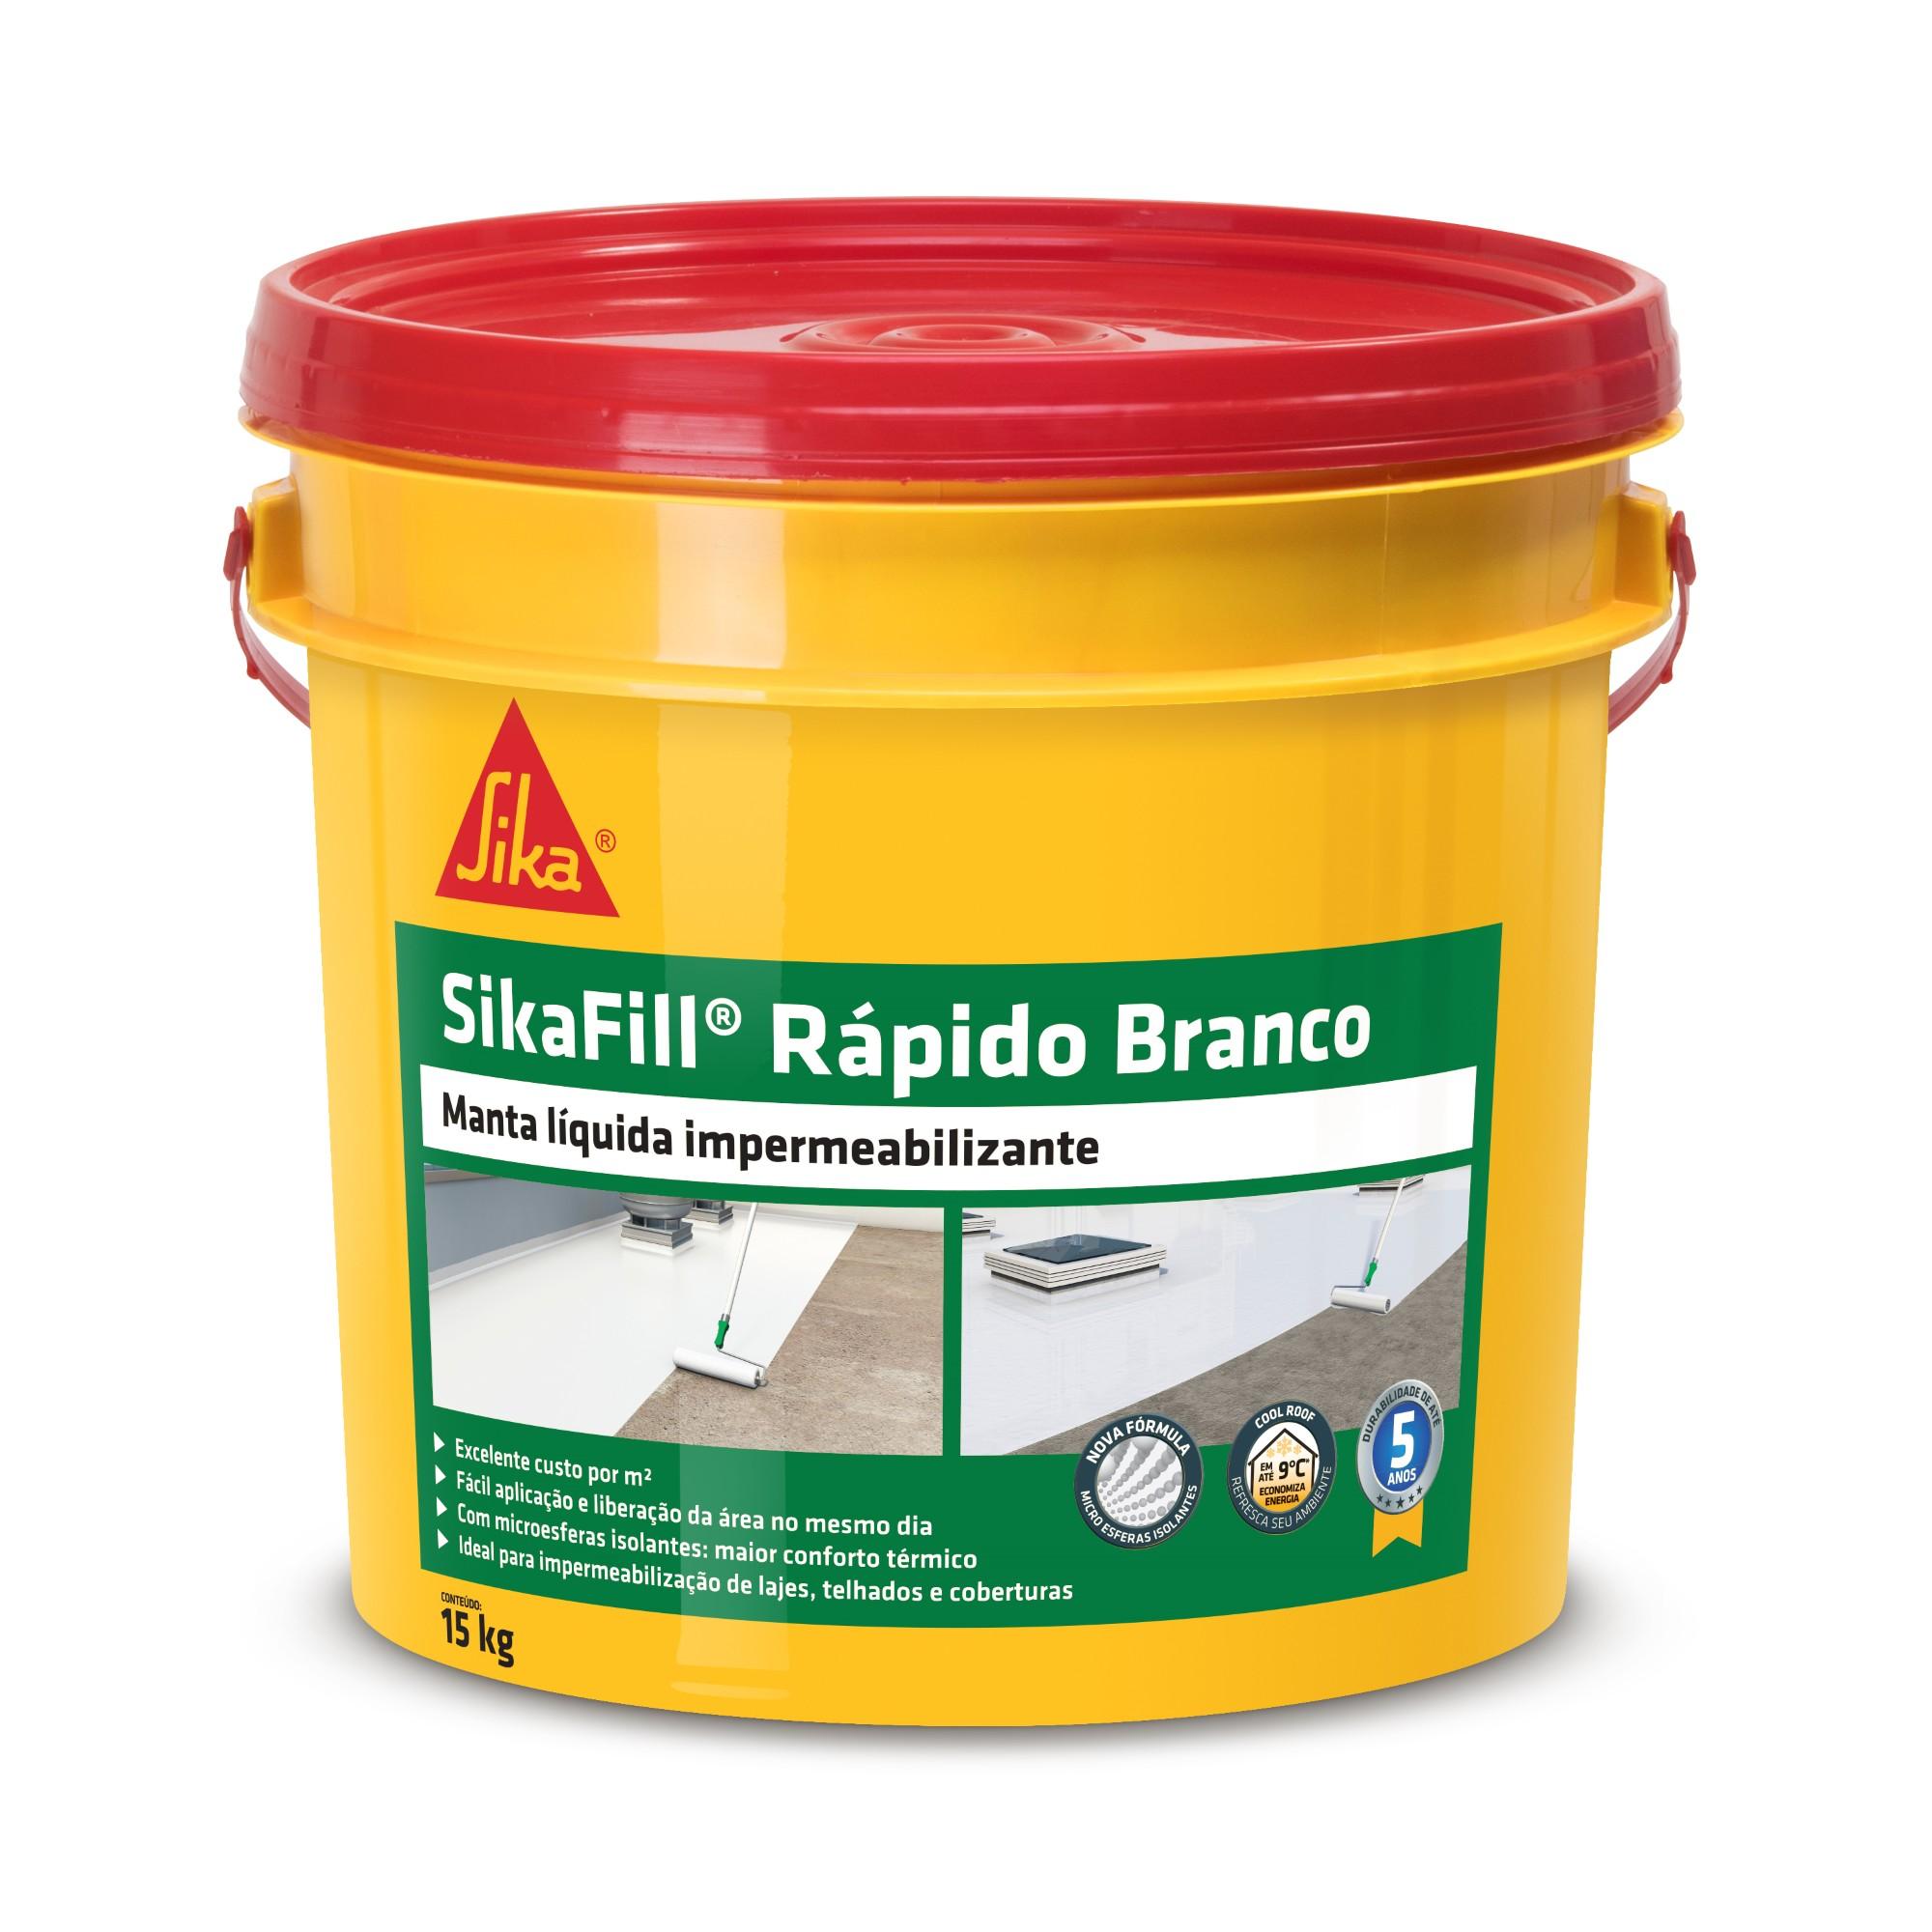 Impermeabilizante SikaFill Rapido Concreto Branco 15kg - Sika